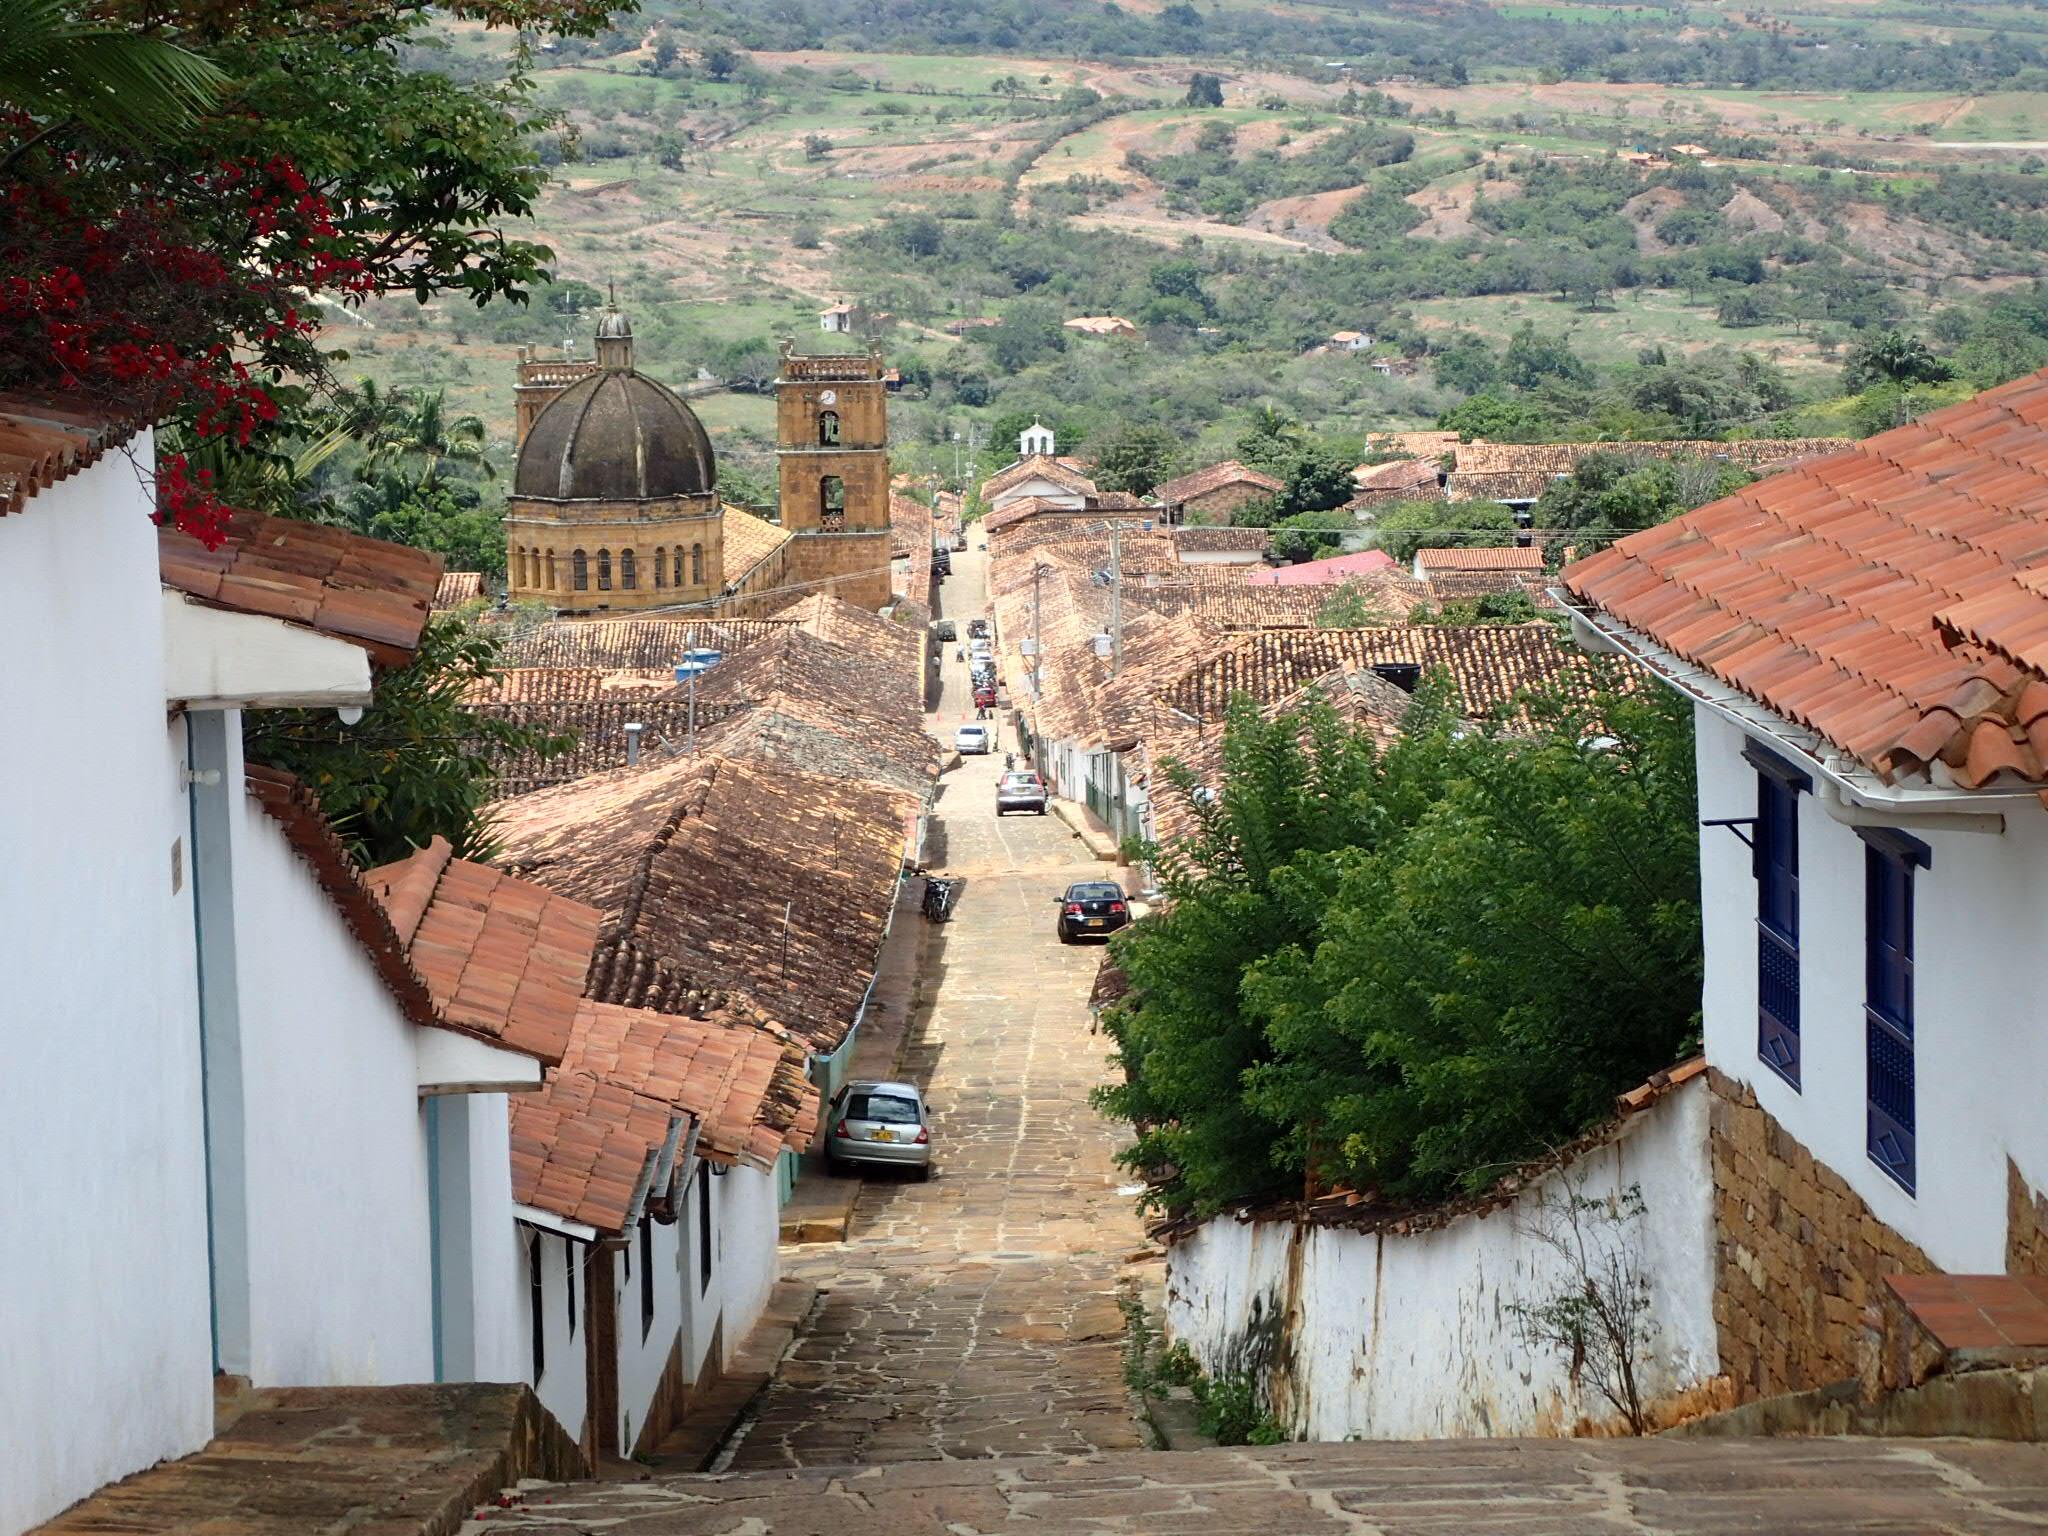 写真で行ってみるコロンビアで最も美しい街のひとつ:バリチャラ Barichara 【147枚】